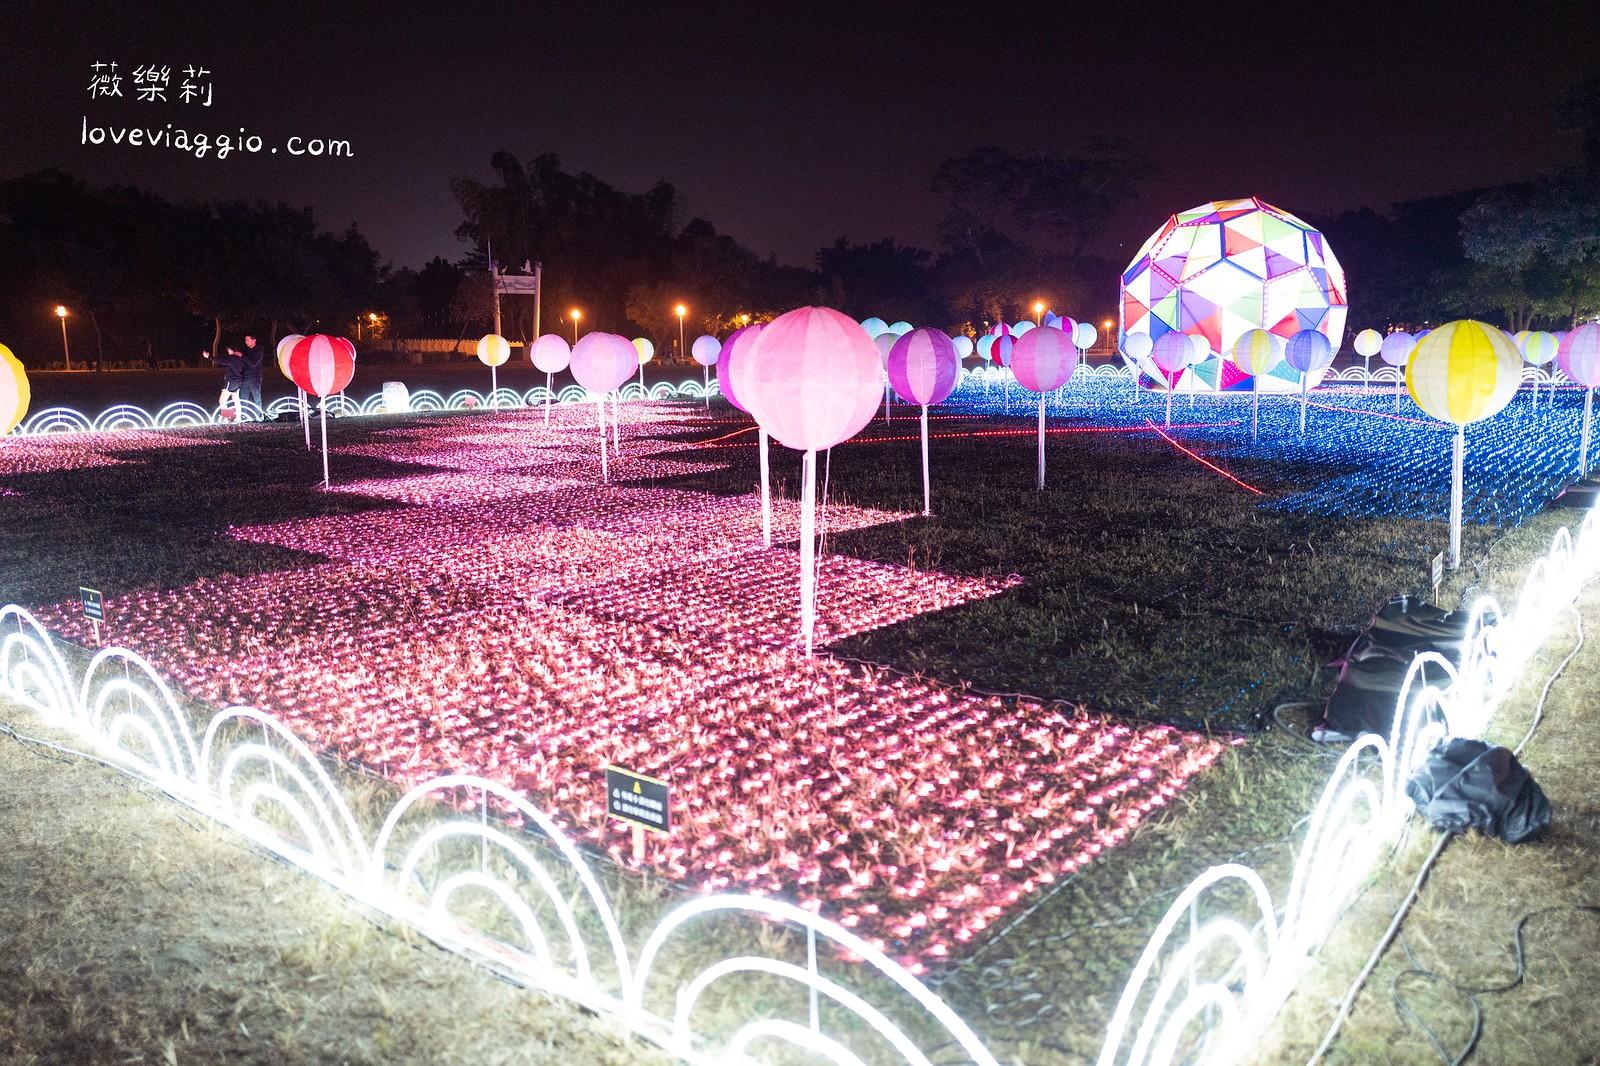 【屏東 Pingtung】2019屏東燈會千禧公園 綵燈節 幾何童趣浪漫燈海 @薇樂莉 Love Viaggio | 旅行.生活.攝影